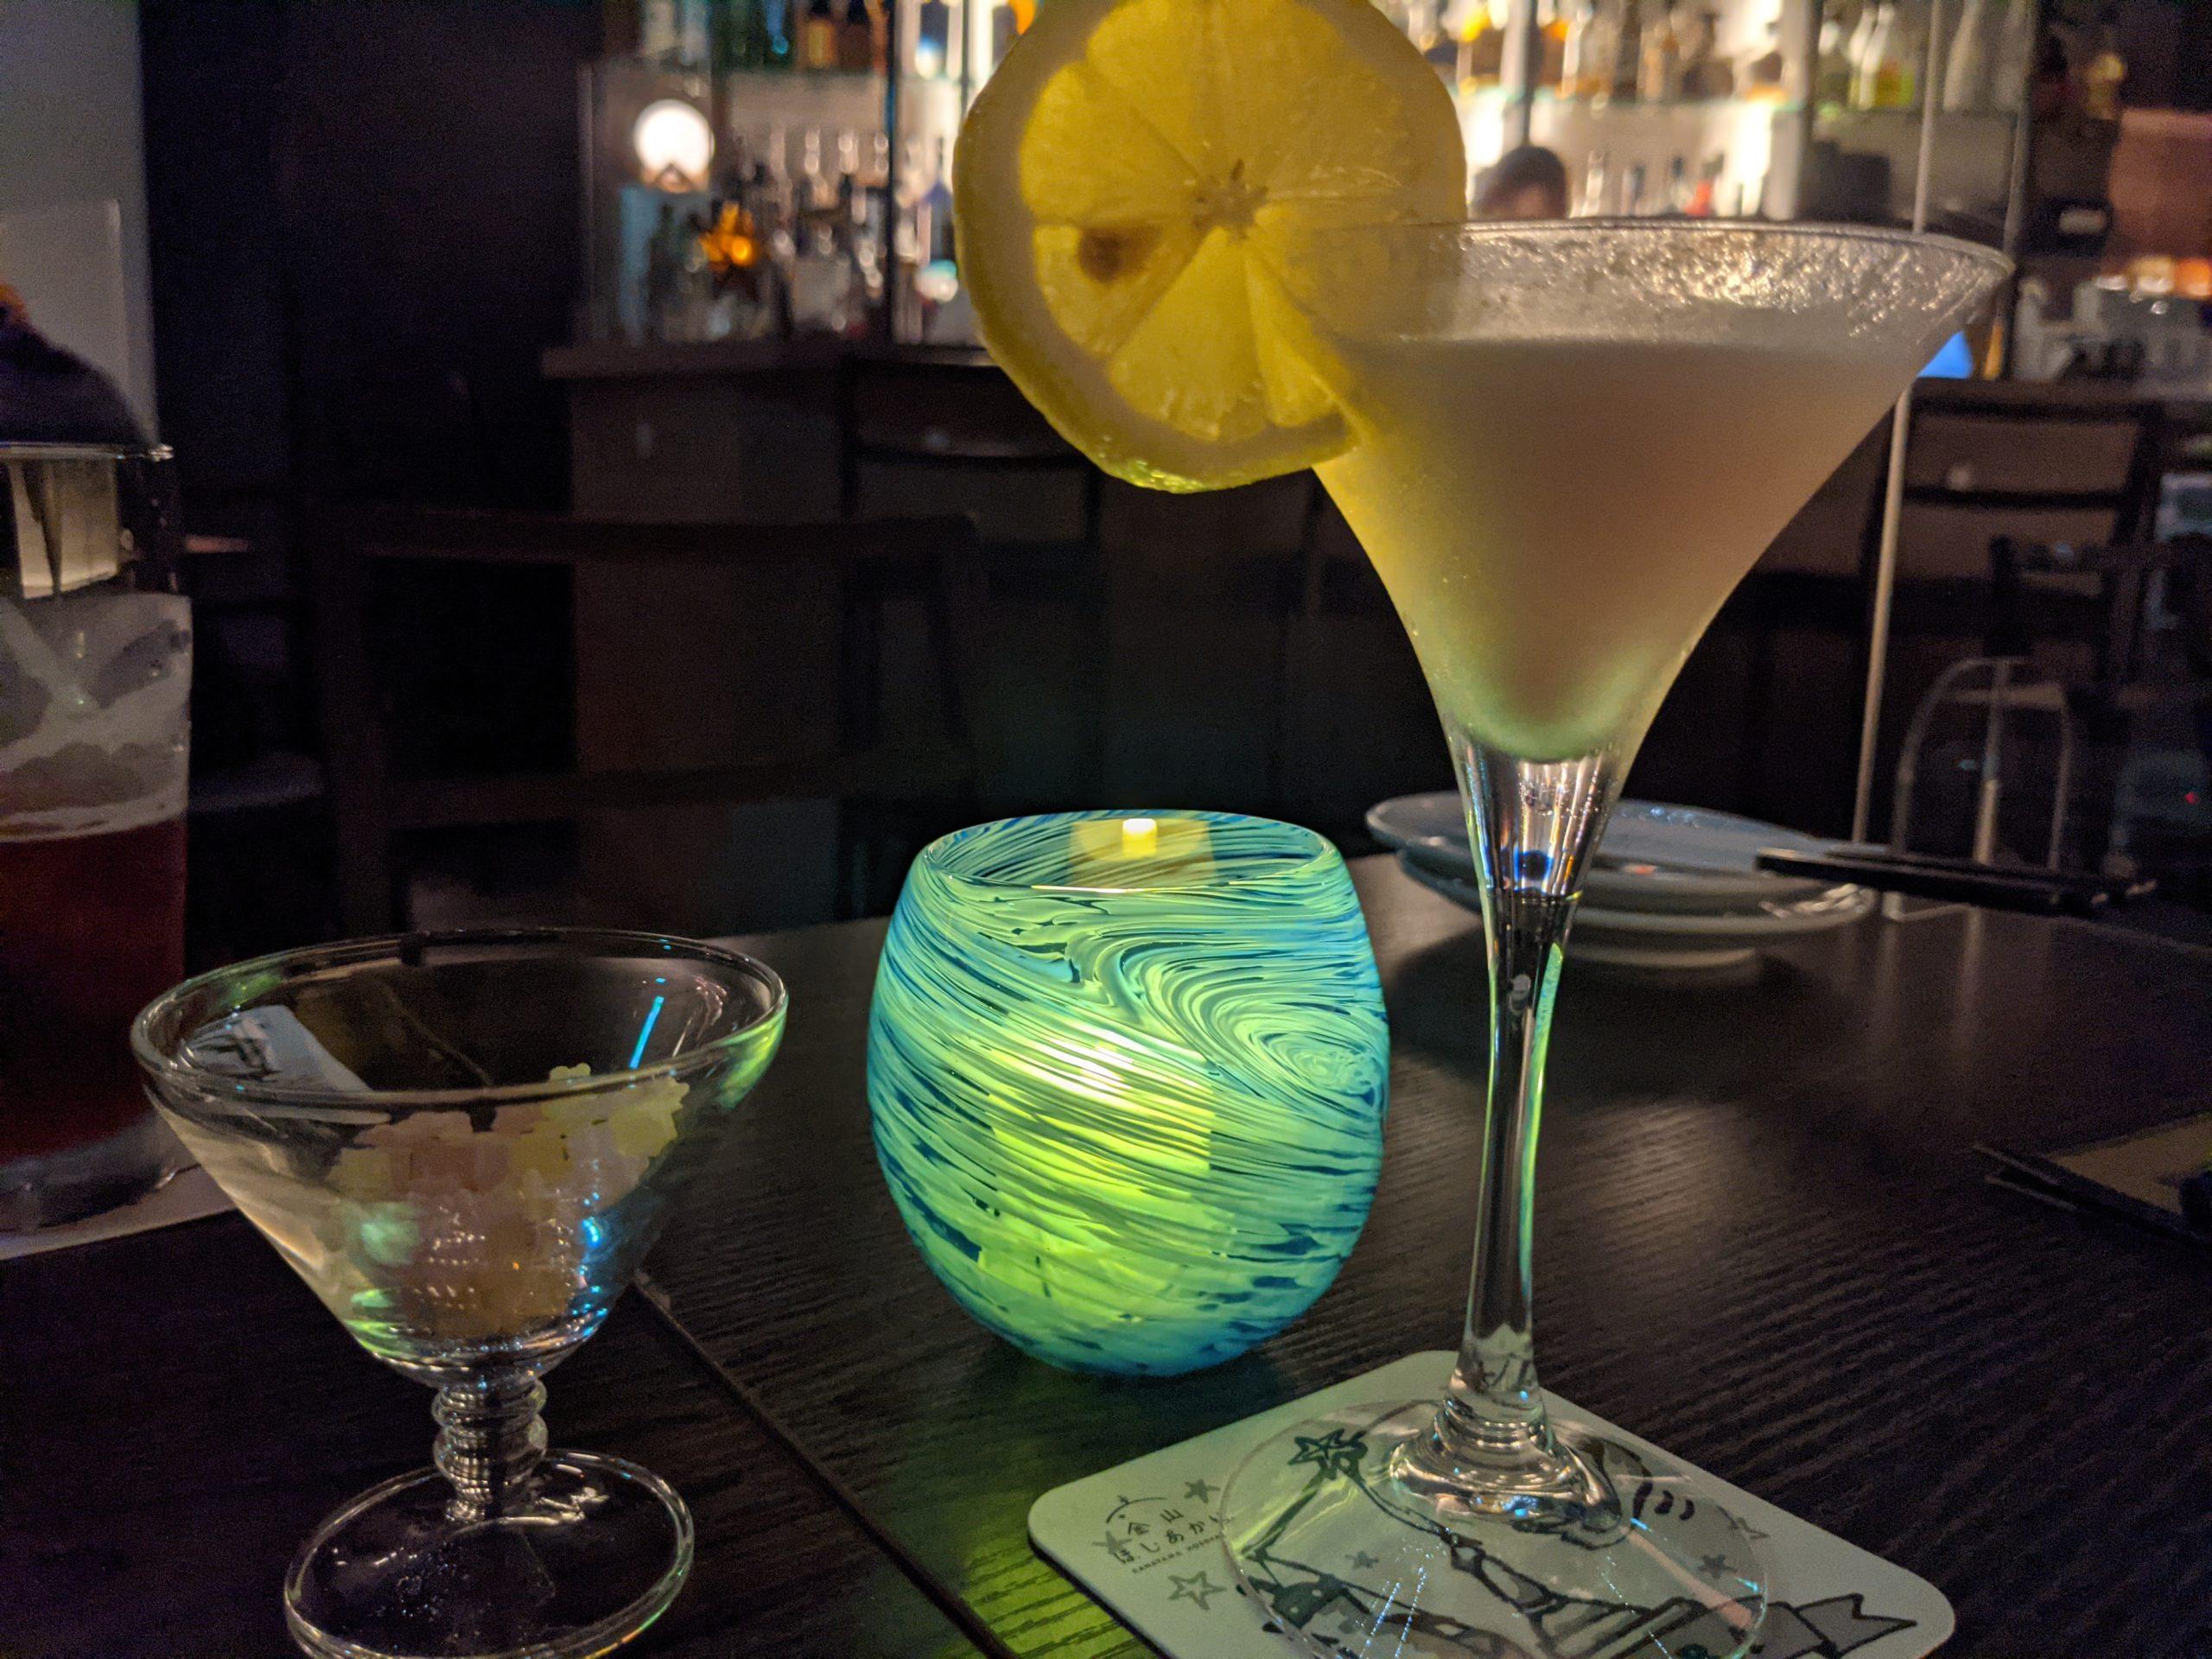 金山|まるでプラネタリウム?満天の星空を眺めながらお酒を美味しく楽しめるBAR